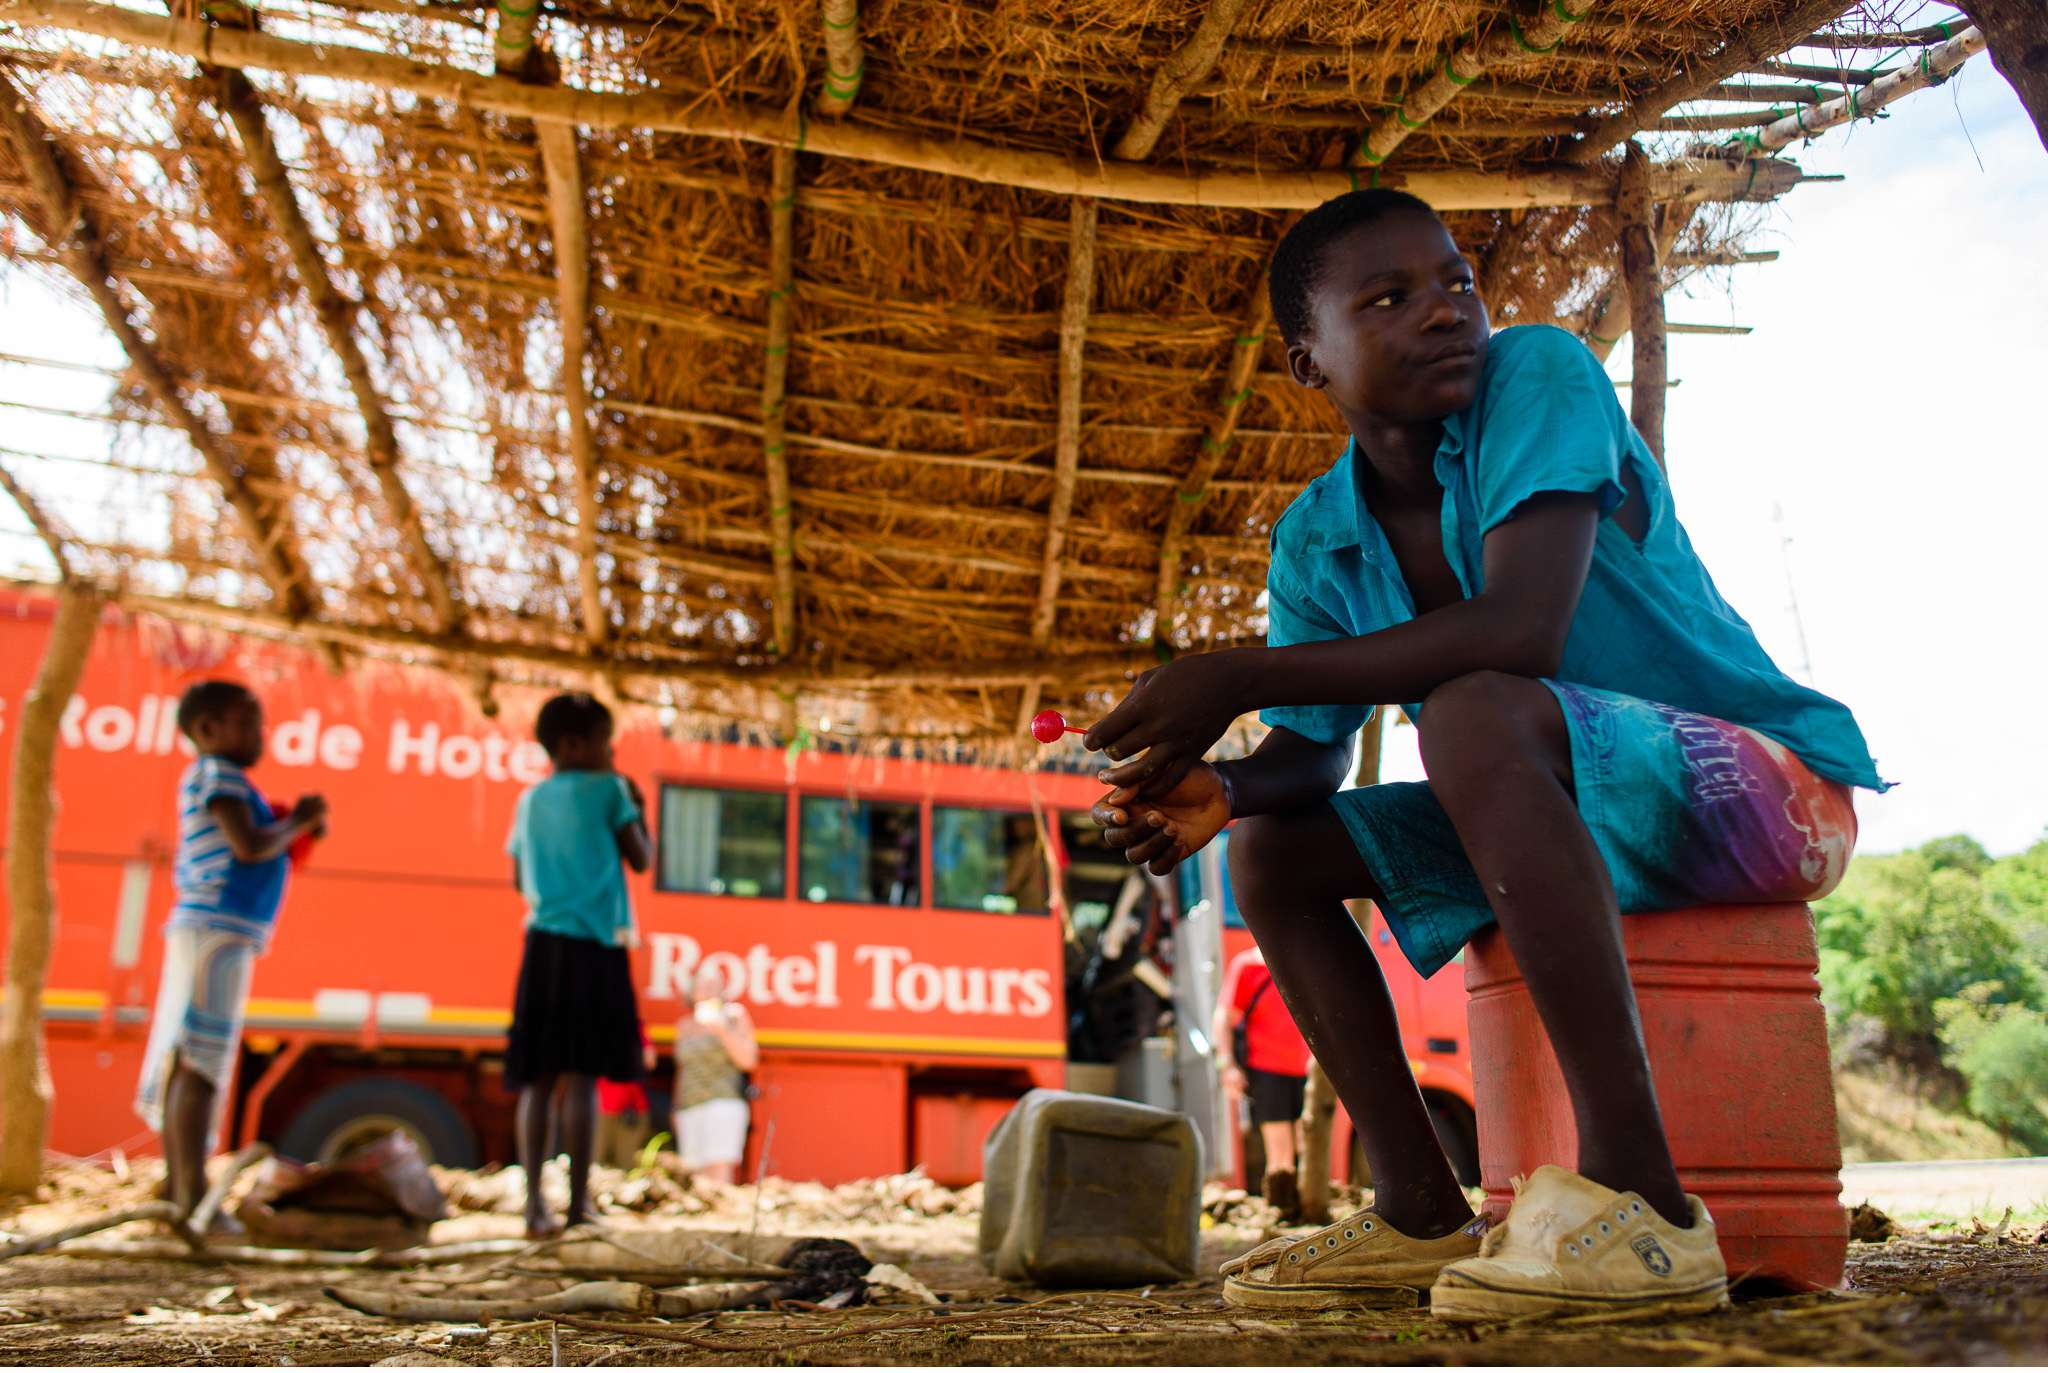 Malawi-Quer durch Afrika- Geschichten von unterwegs by Marion and Daniel-76